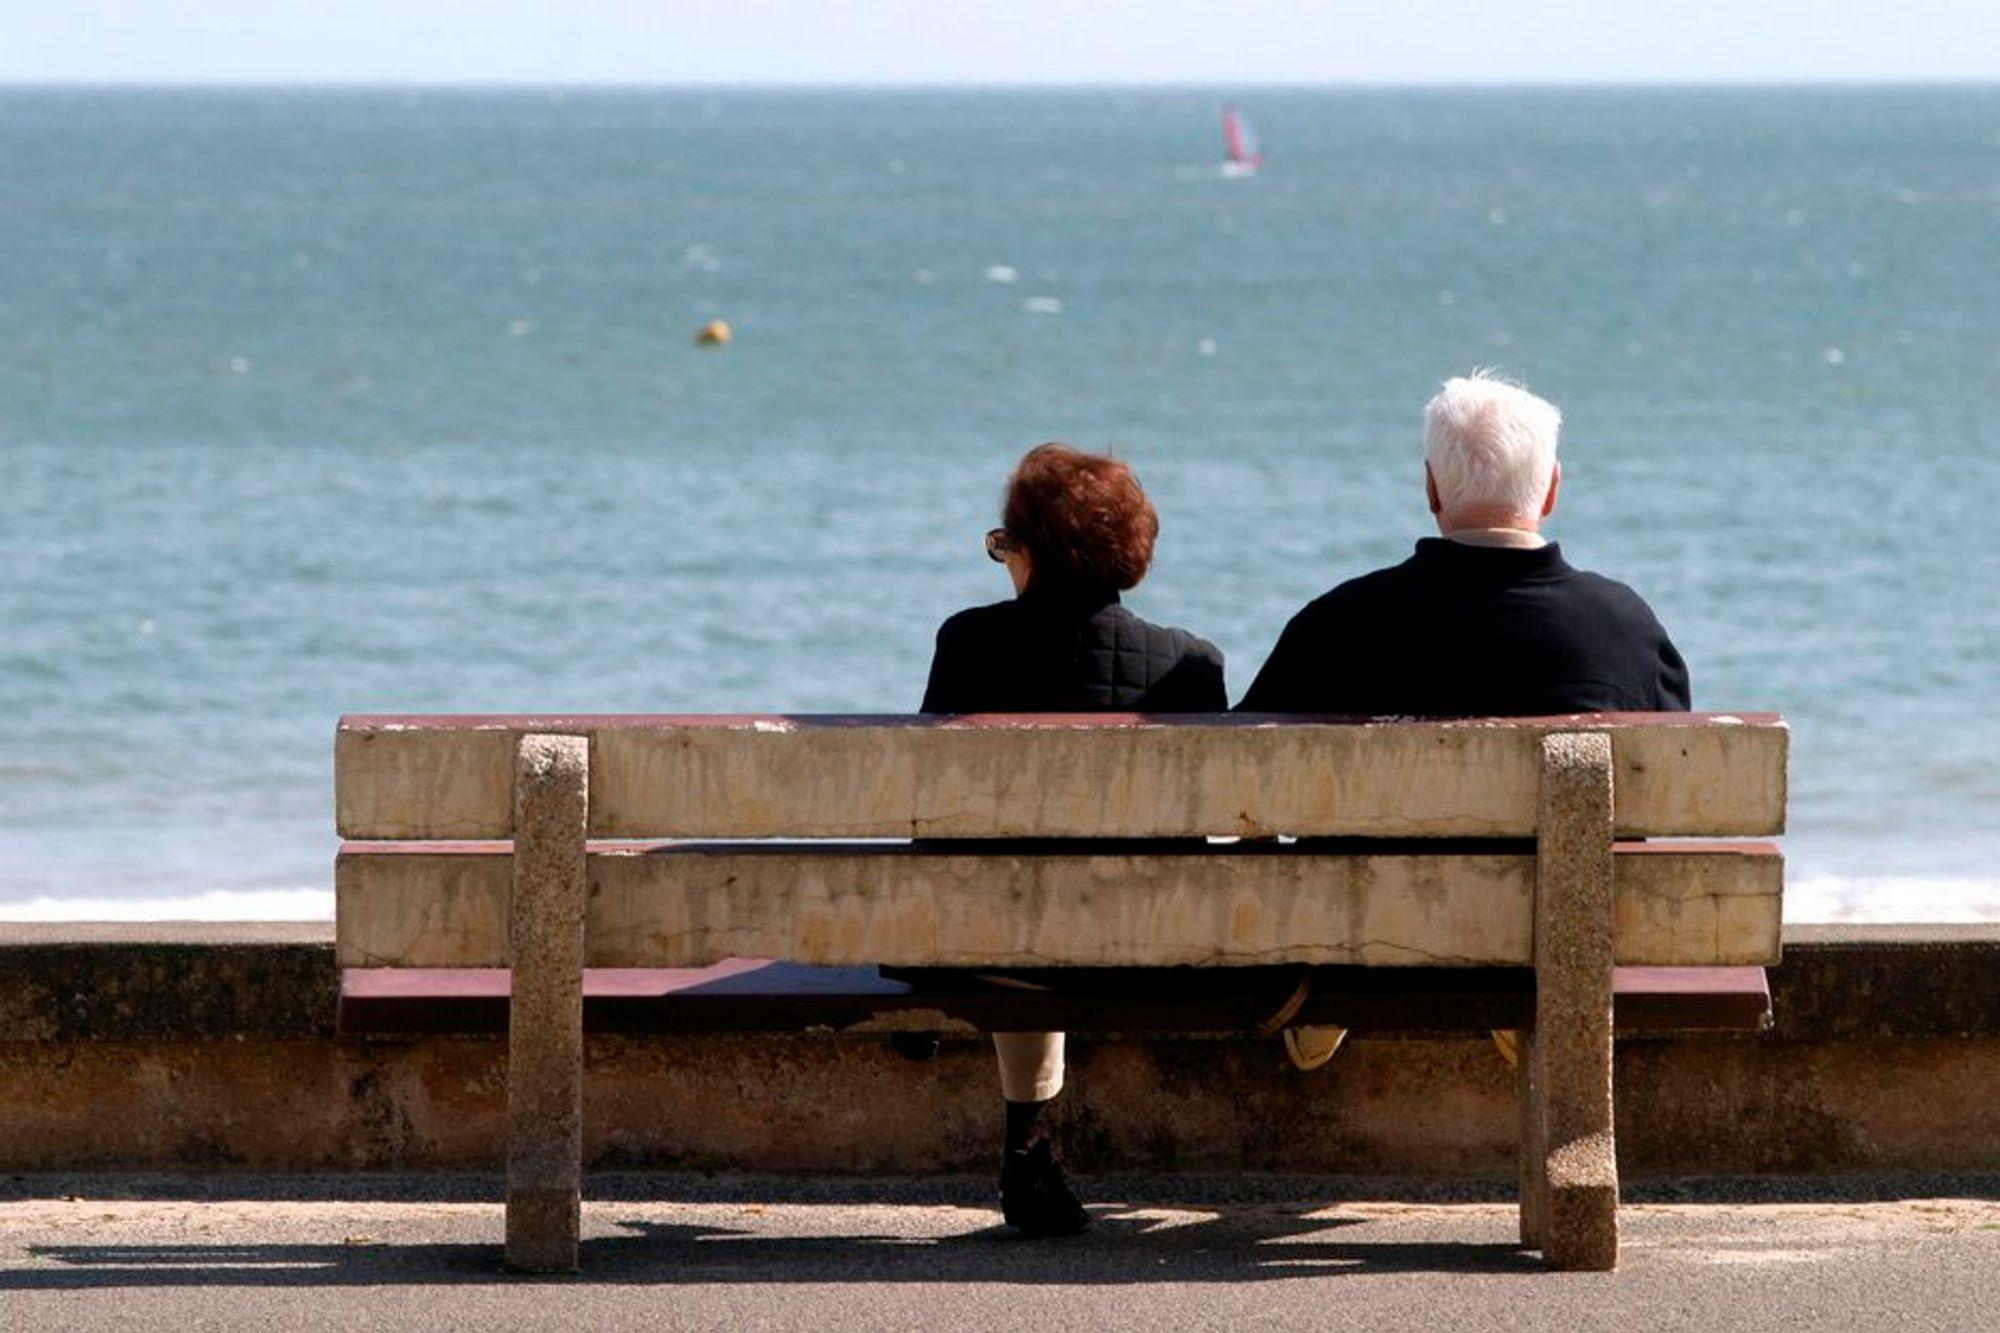 Eldre arbeidstakere. Seniorer. Gamle. IA-avtale. Sykefravær. Arbeidsmarkedet.